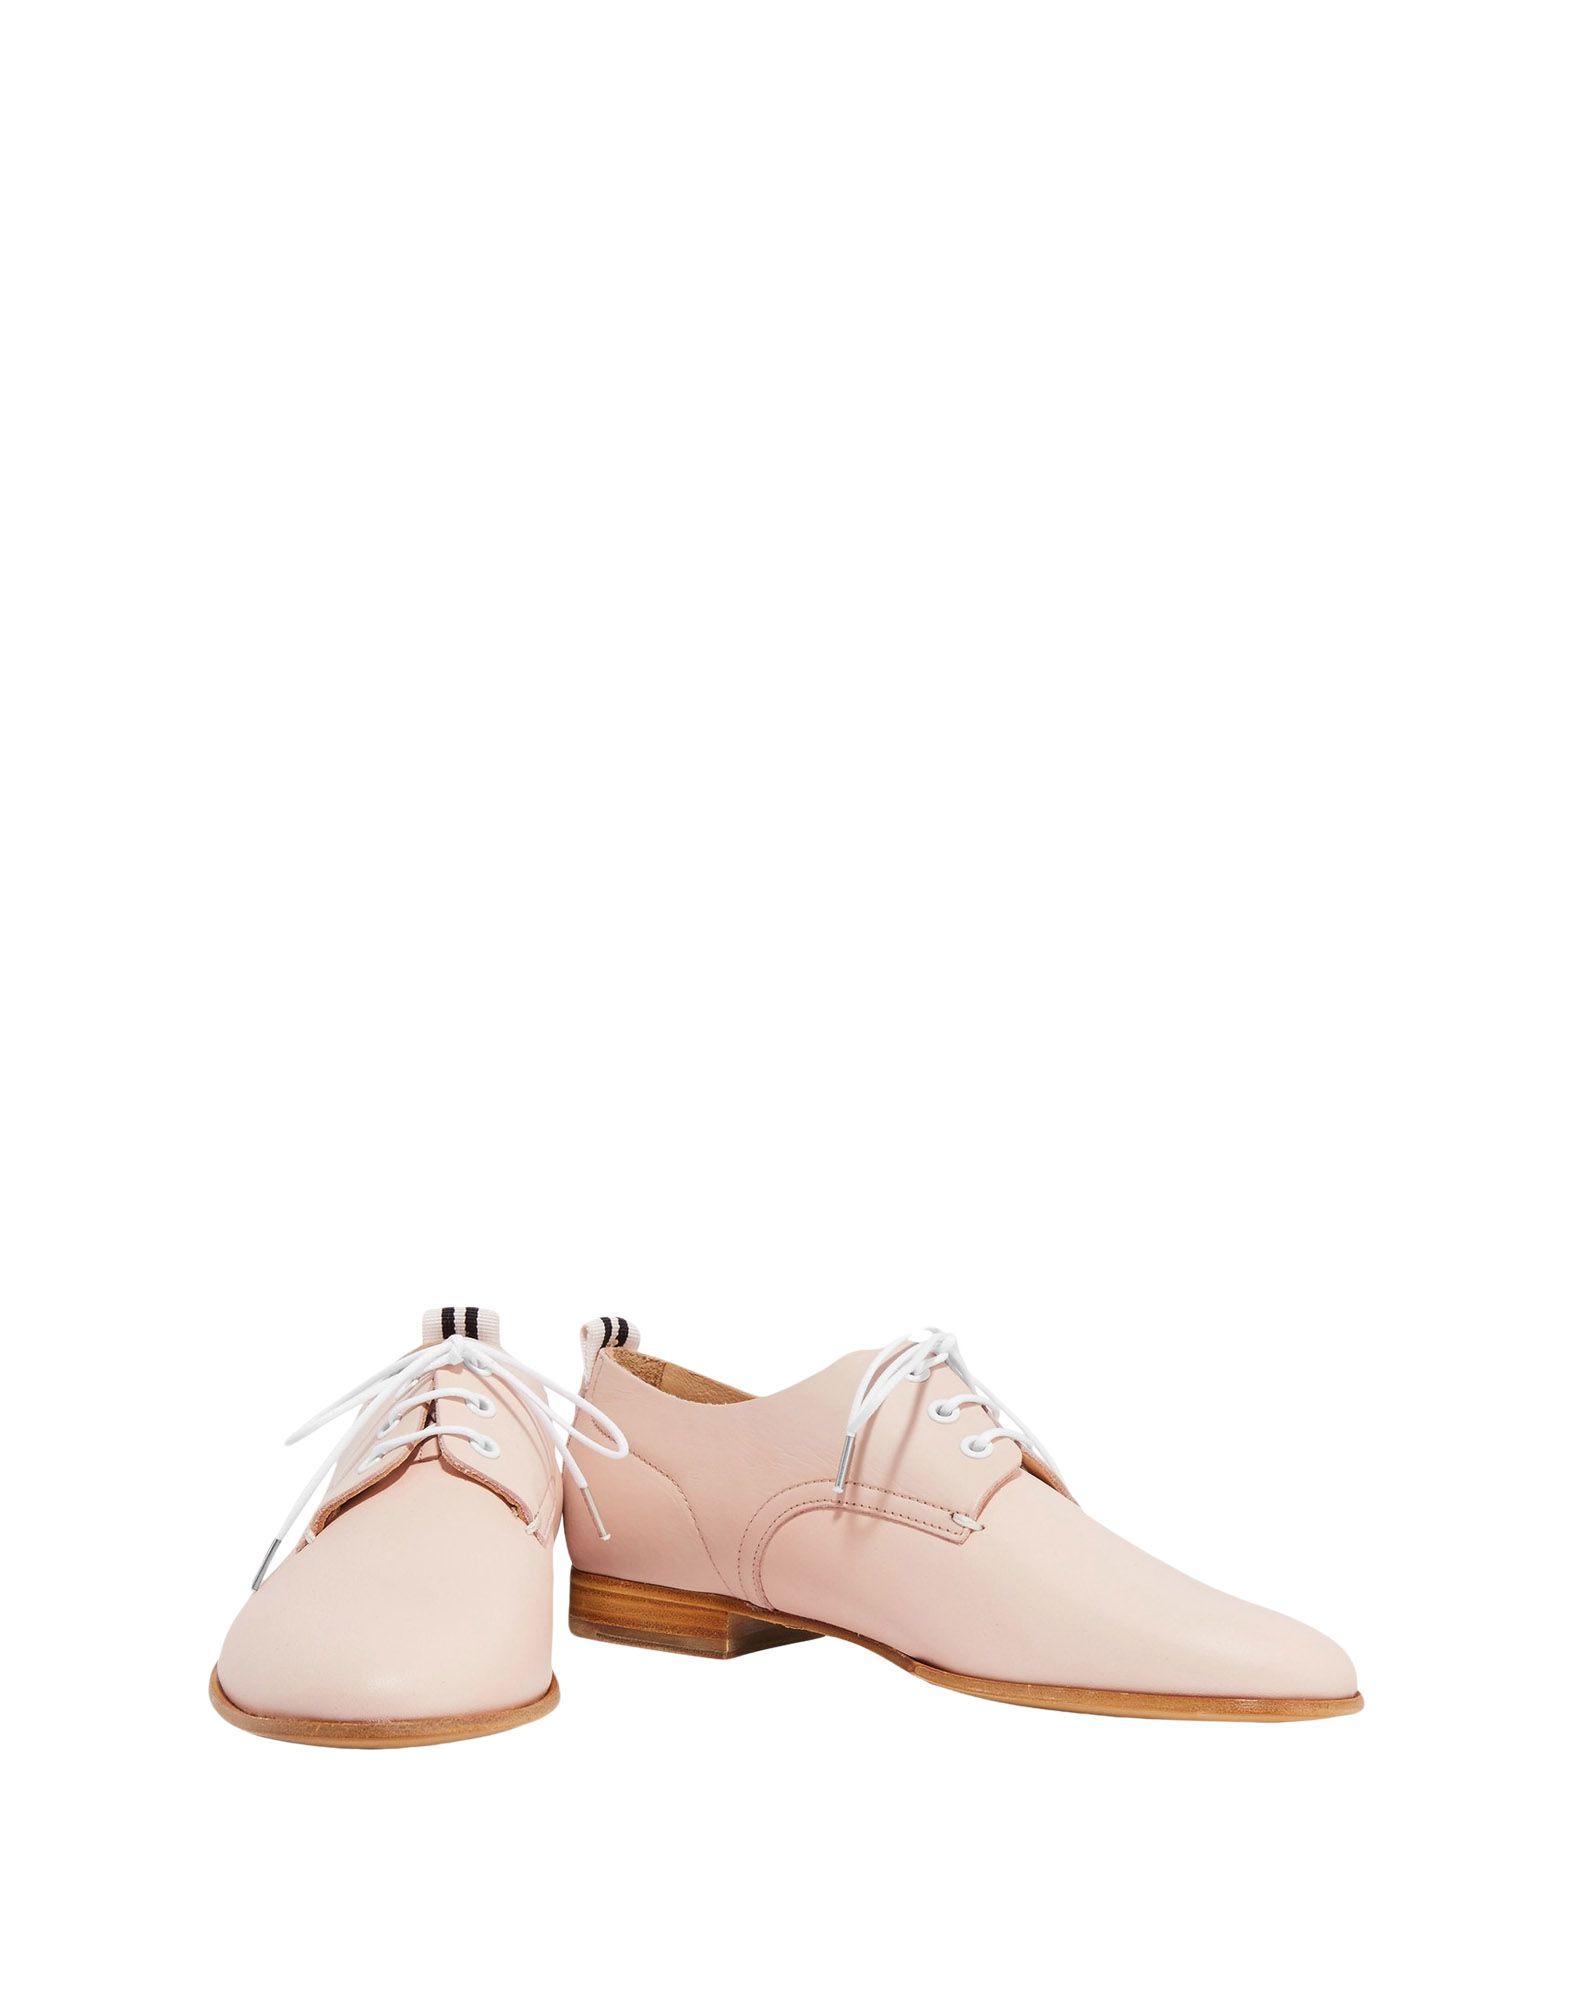 RAG & BONE Обувь на шнурках первый внутри обувь обувь обувь обувь обувь обувь обувь обувь обувь 8a2549 мужская армия green 40 метров